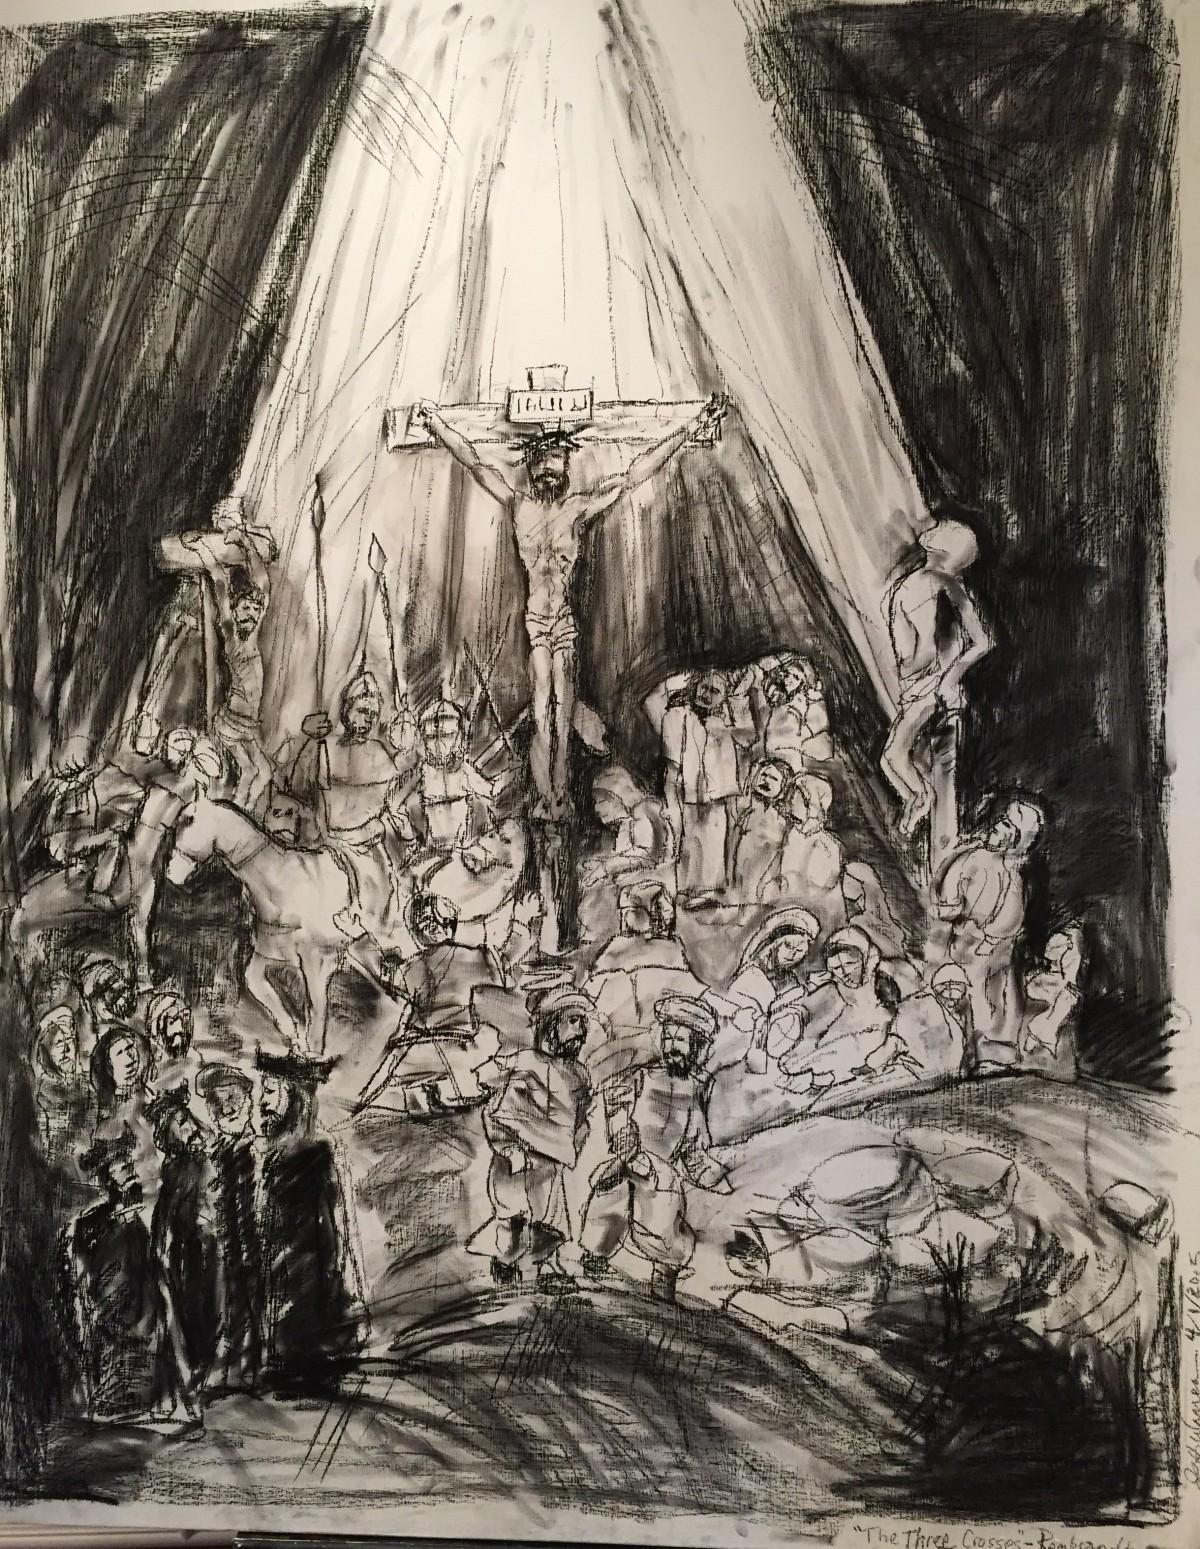 Charcoal - Holy Week, 2015